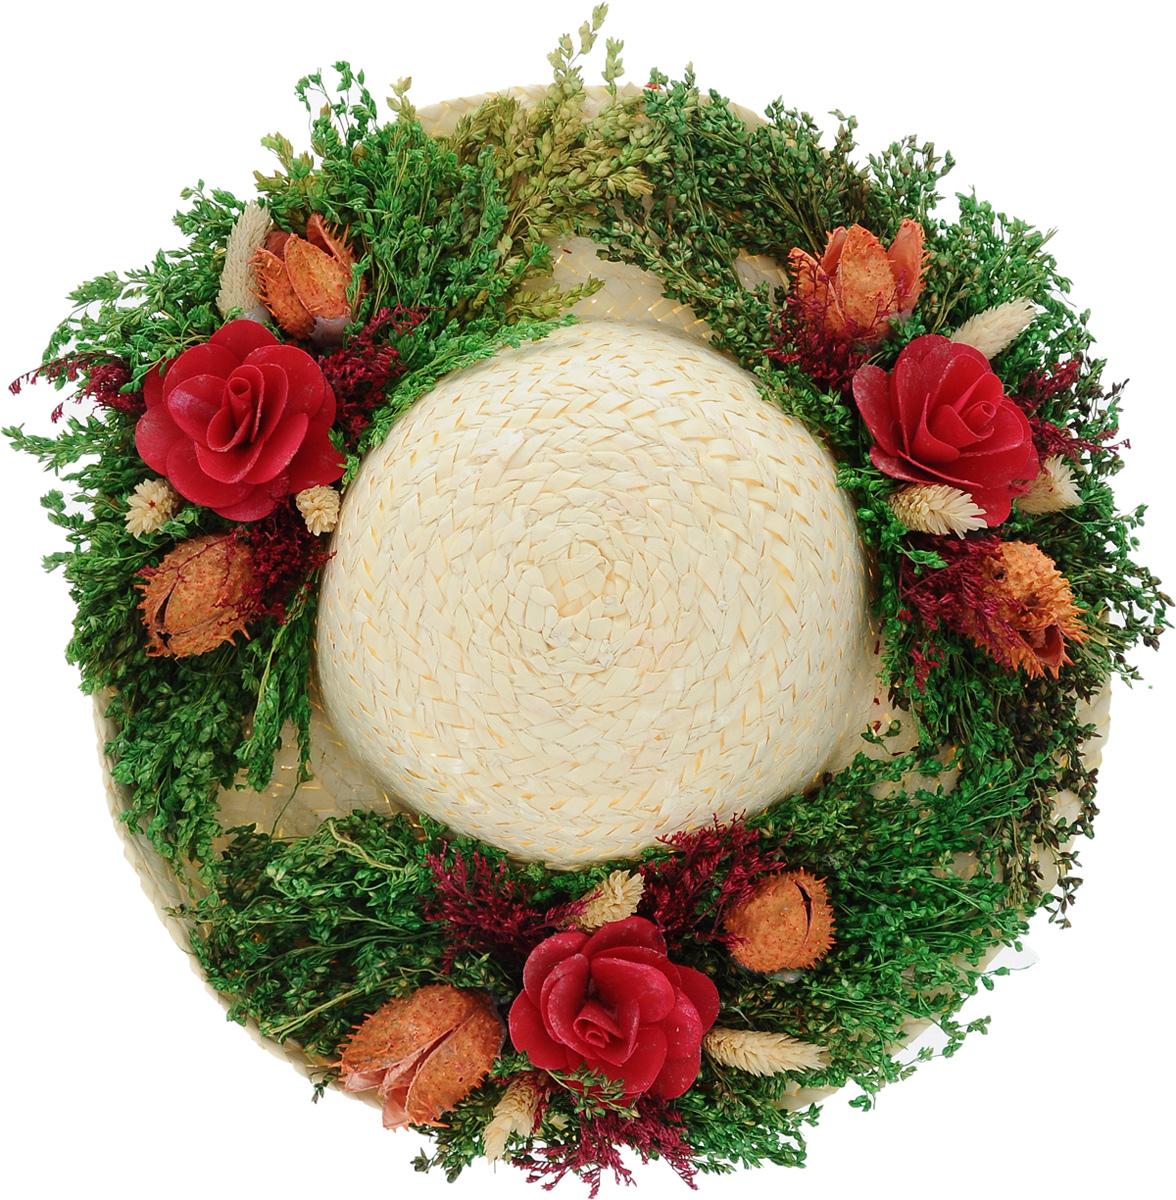 Декоративное настенное украшение Lillo Шляпа с цветами, цвет: светло-бежевый, зеленый, бордовыйAF 03127_бордовыйДекоративное подвесное украшение Lillo Шляпа с цветами выполнено из натуральной соломы и украшено сухоцветами. Такая шляпа станет изящным элементом декора в вашем доме. С задней стороны расположена петелька для подвешивания. Такое украшение не только подчеркнет ваш изысканный вкус, но и прекрасным подарком, который обязательно порадует получателя. Размер шляпы: 29 см х 29 см х 7,5 см.